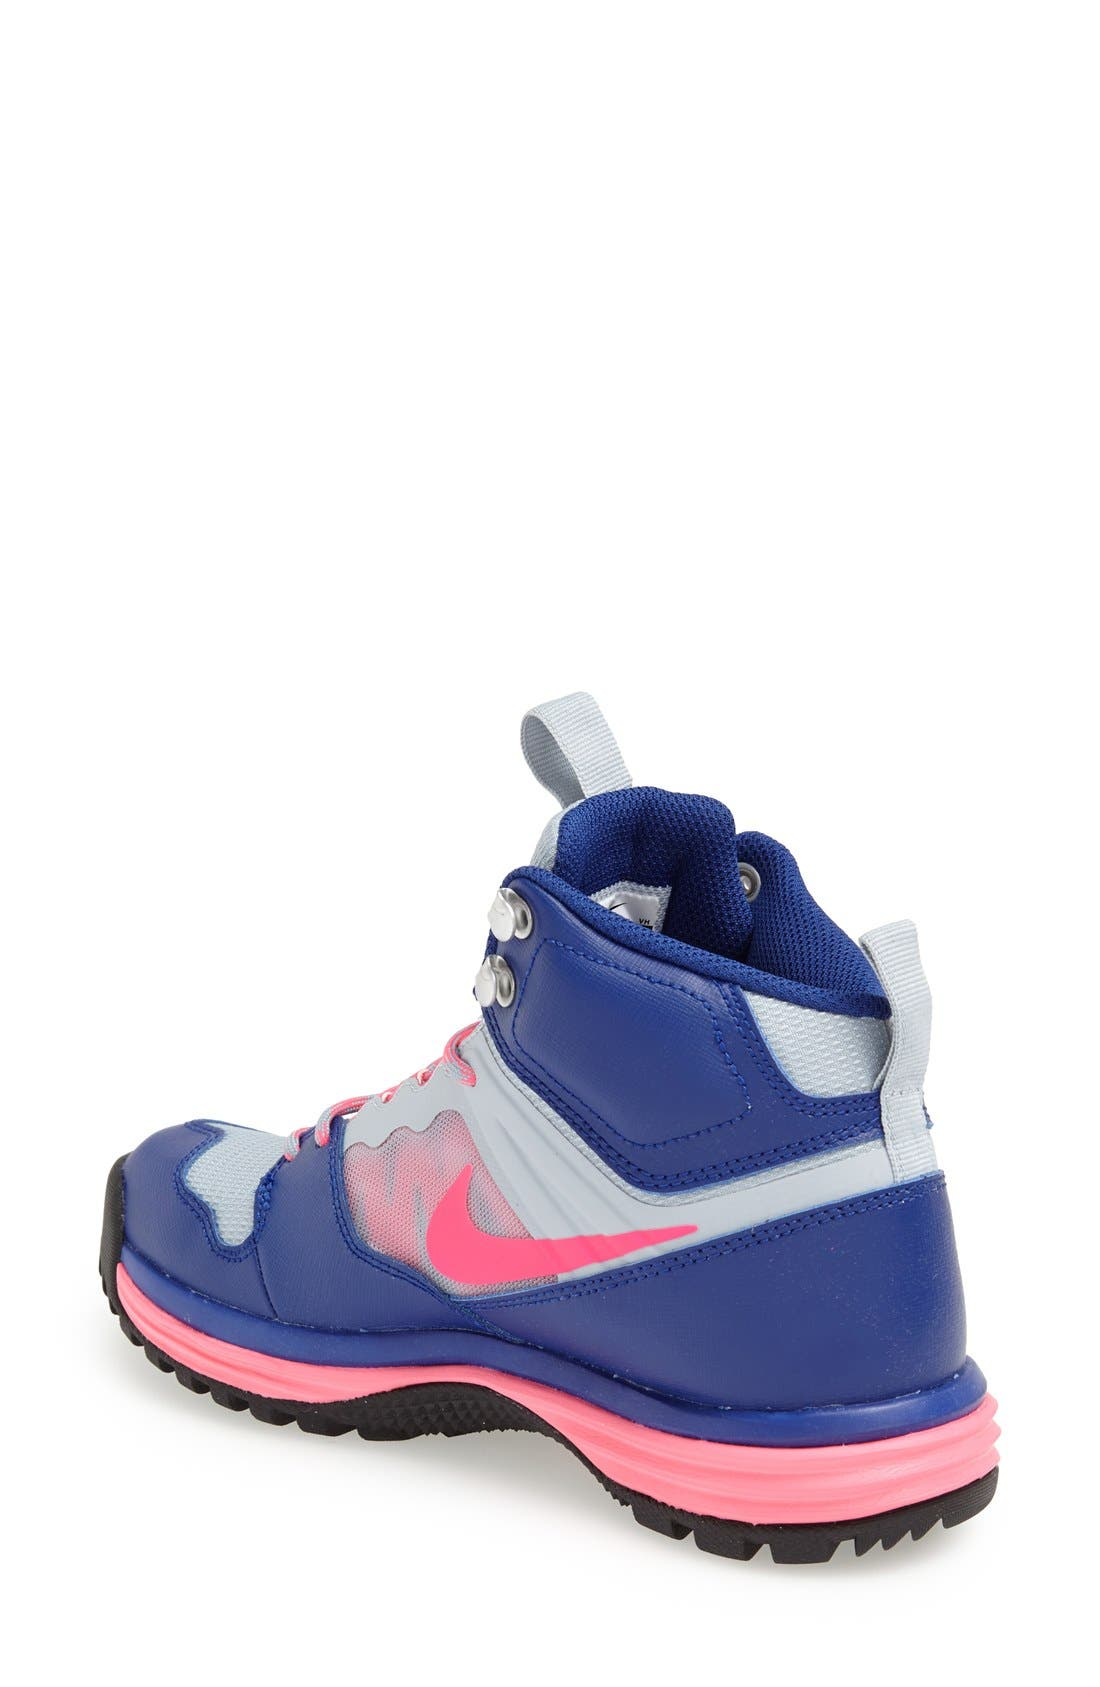 Alternate Image 2  - Nike 'Dual Fusion Hills Mid' Walking Shoe (Women)